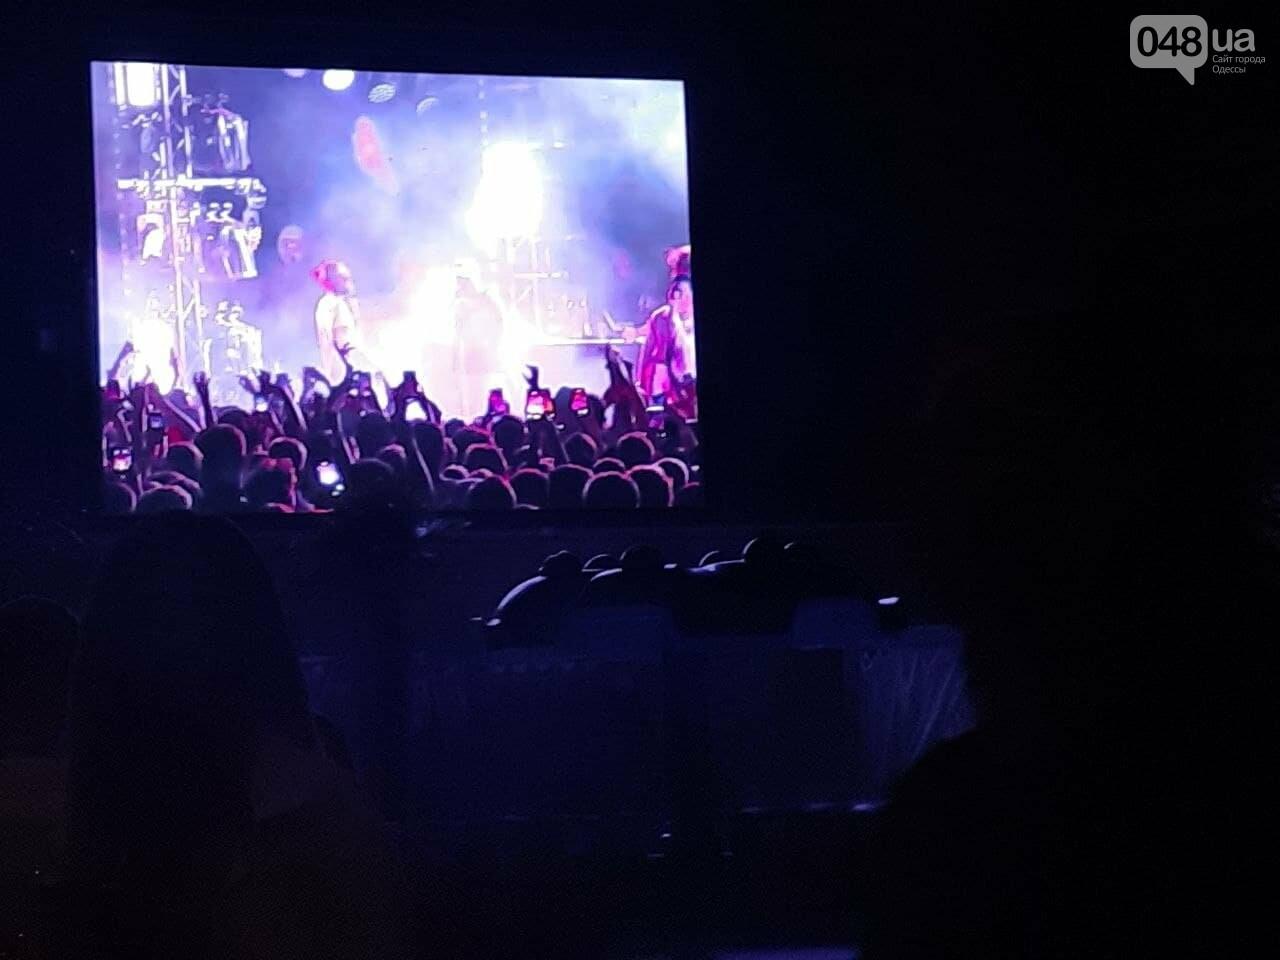 Дорофеева, плохой звук и любовь к фанатам: как прошёл концерт Скриптонита в Одессе, - ФОТО, ВИДЕО  , фото-5